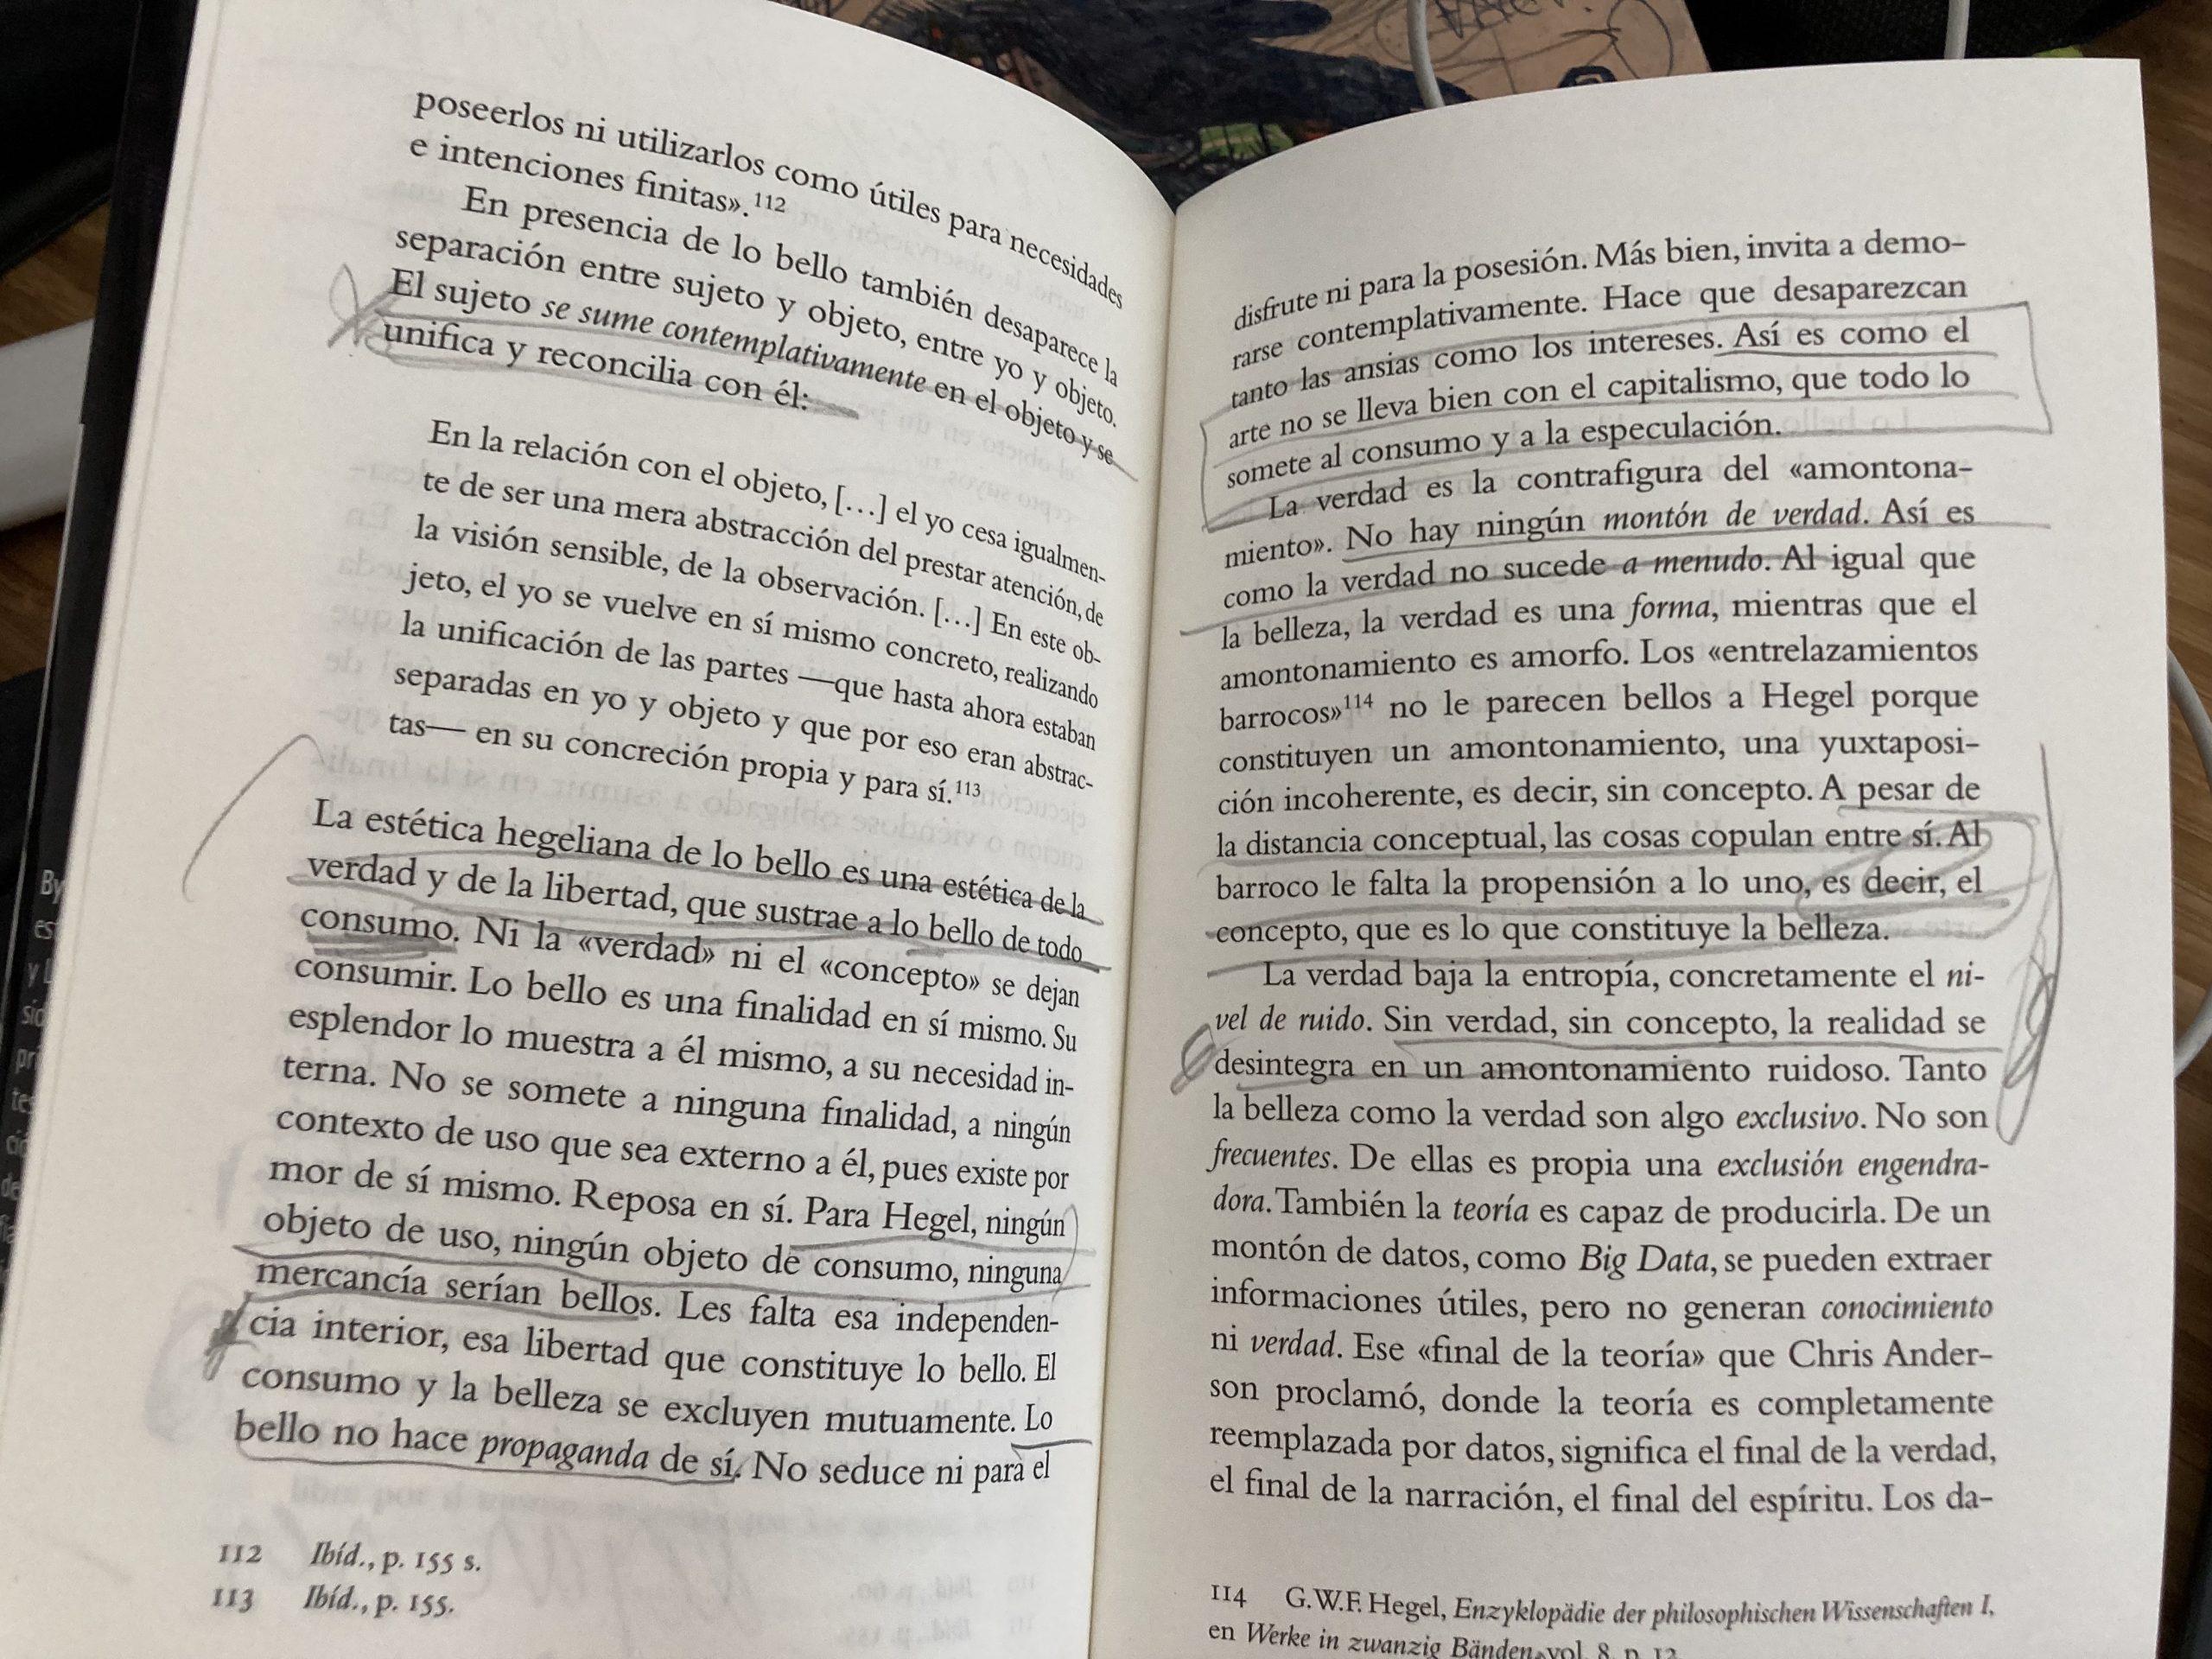 páginas 54 y 55 de la salvación de lo bello